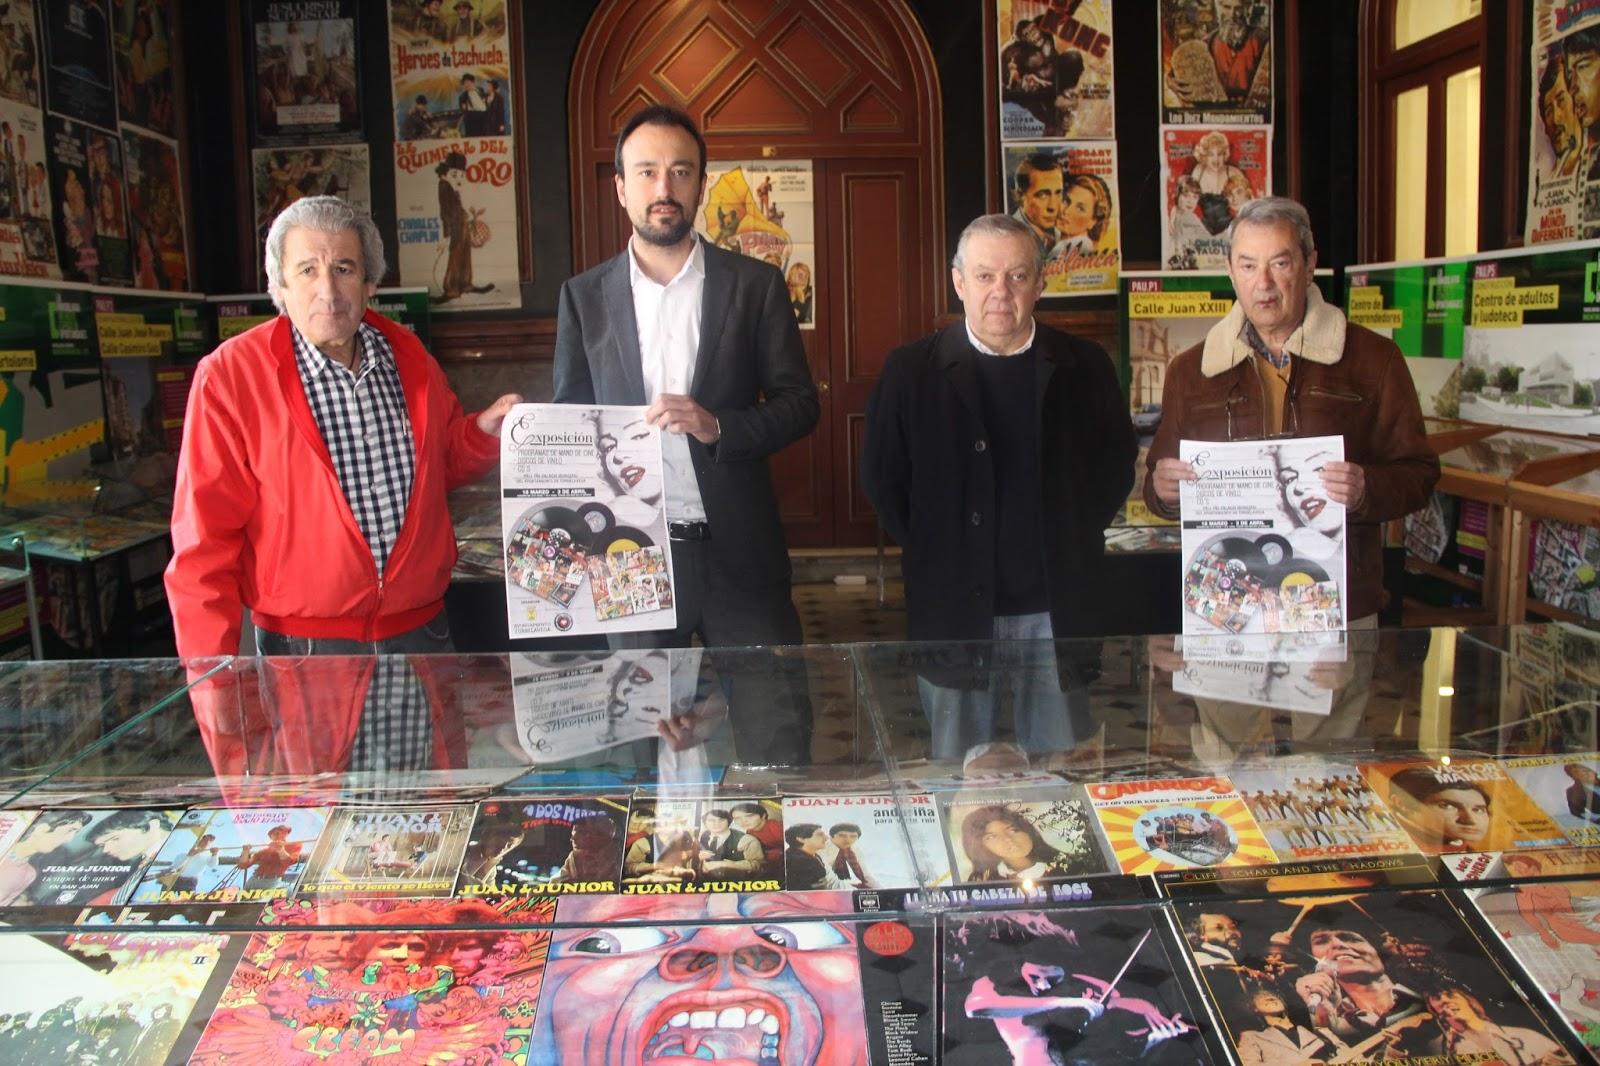 LALO CUEVAS - Exposicion de programas de mano, vinilos y cds